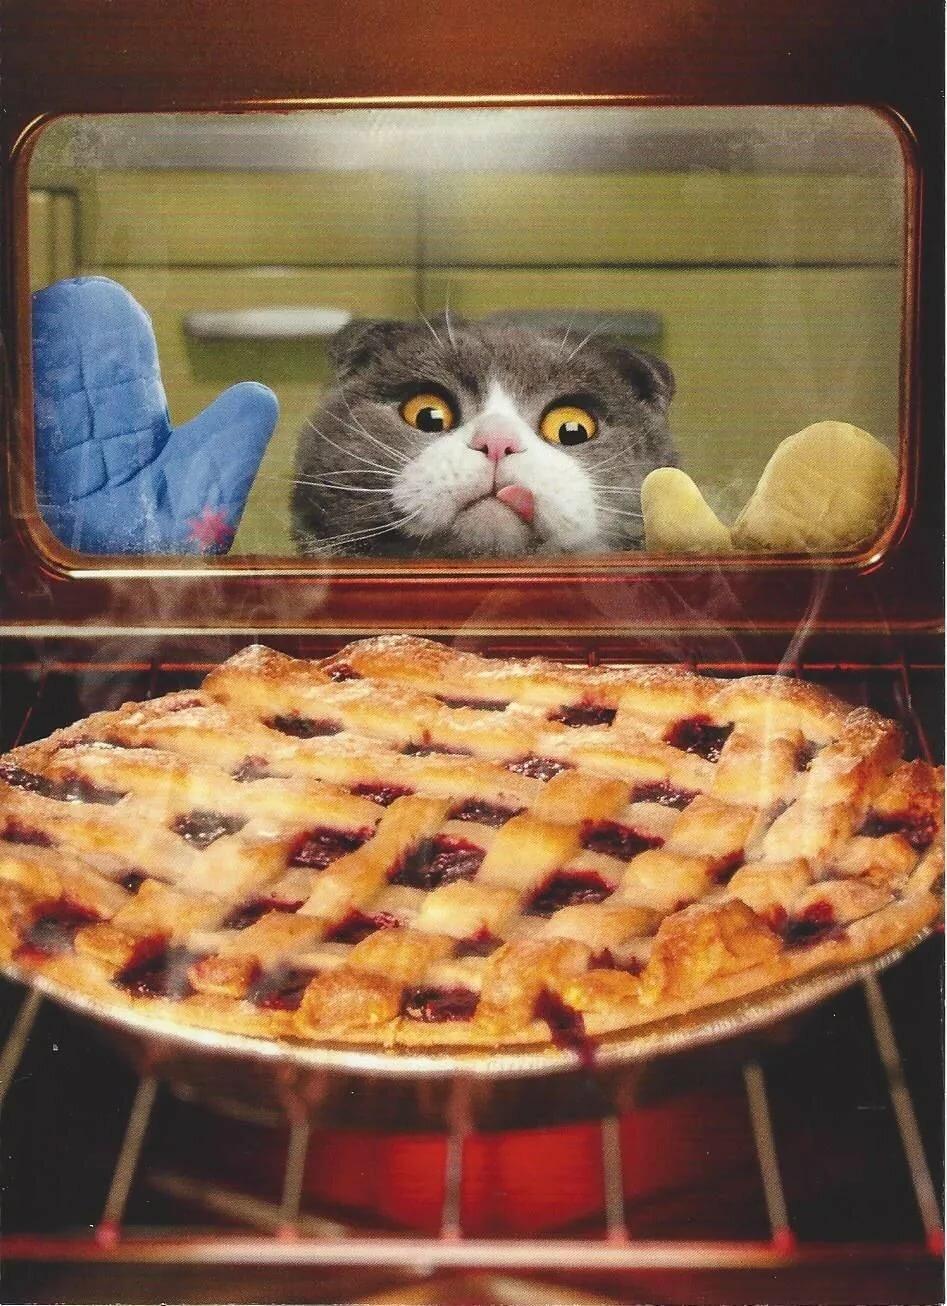 ищете прикольные картинки пироги должно